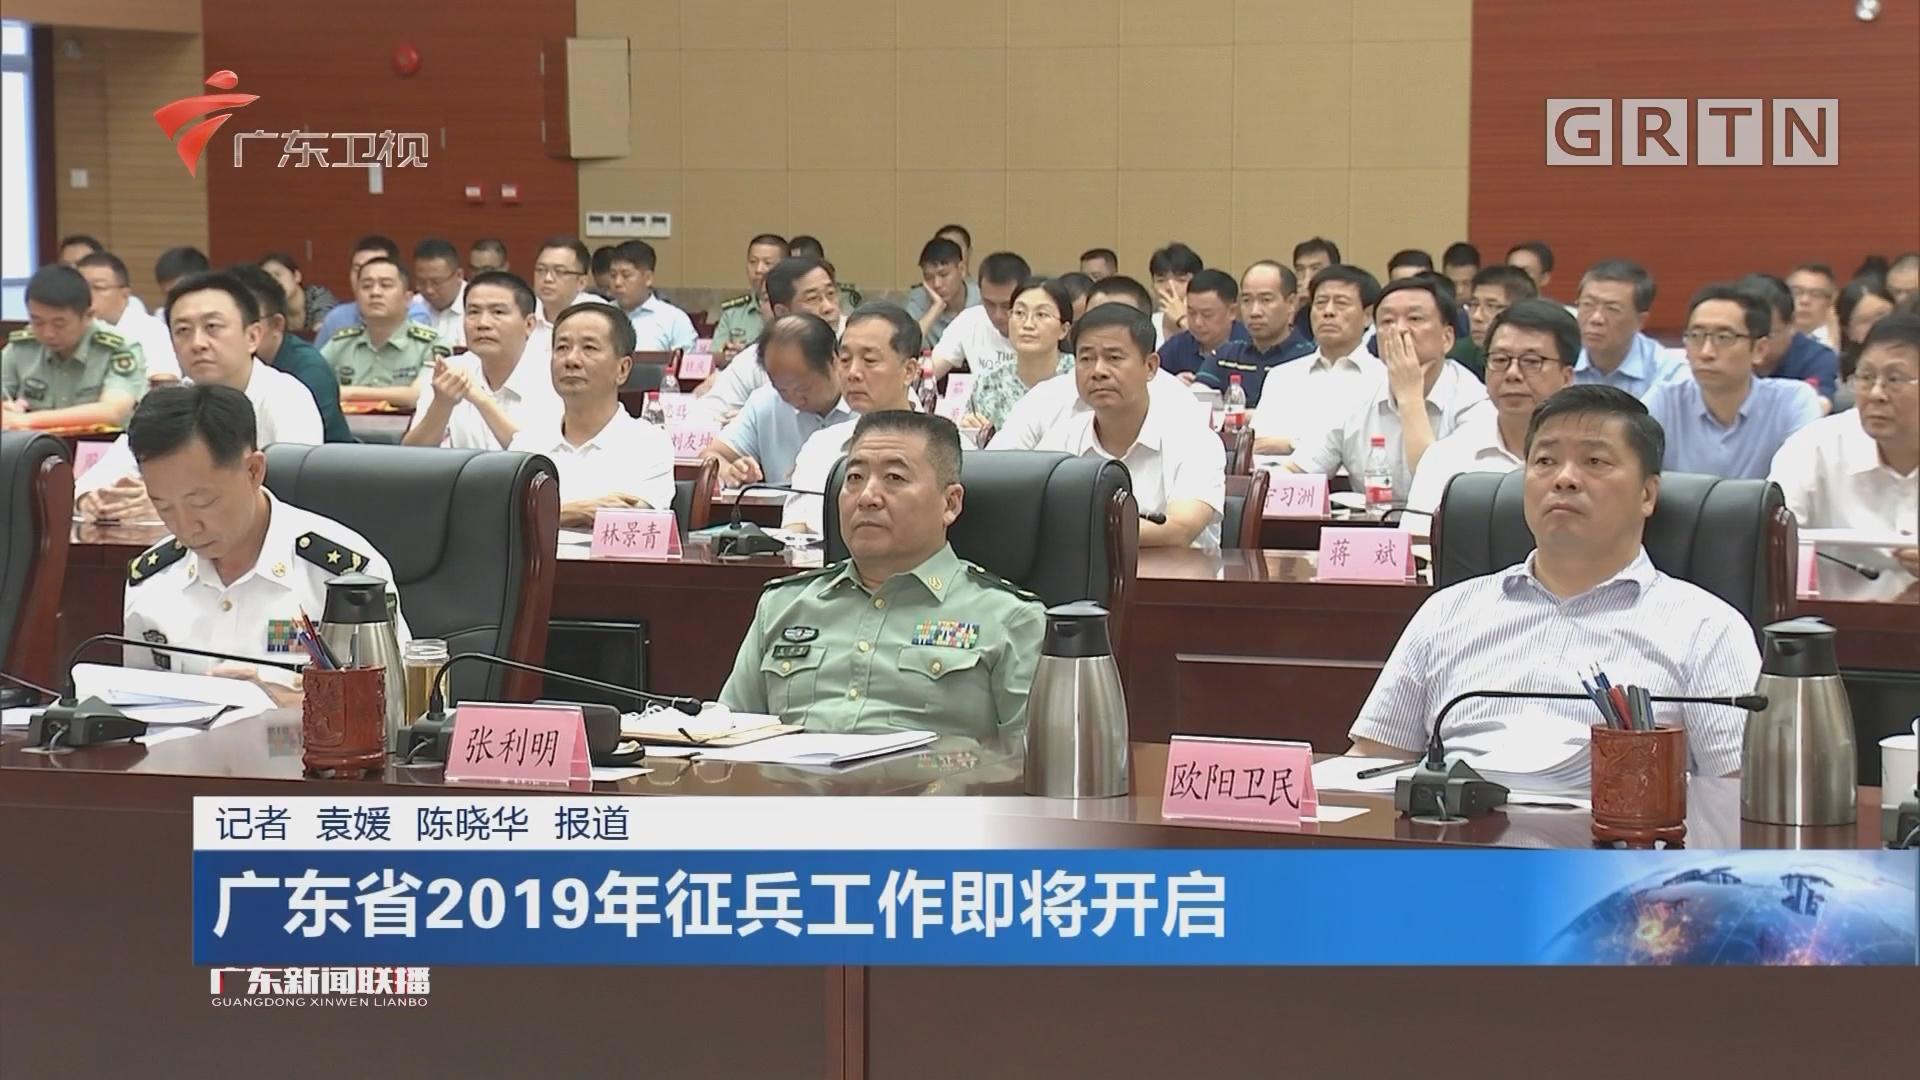 广东省2019年征兵工作即将开启